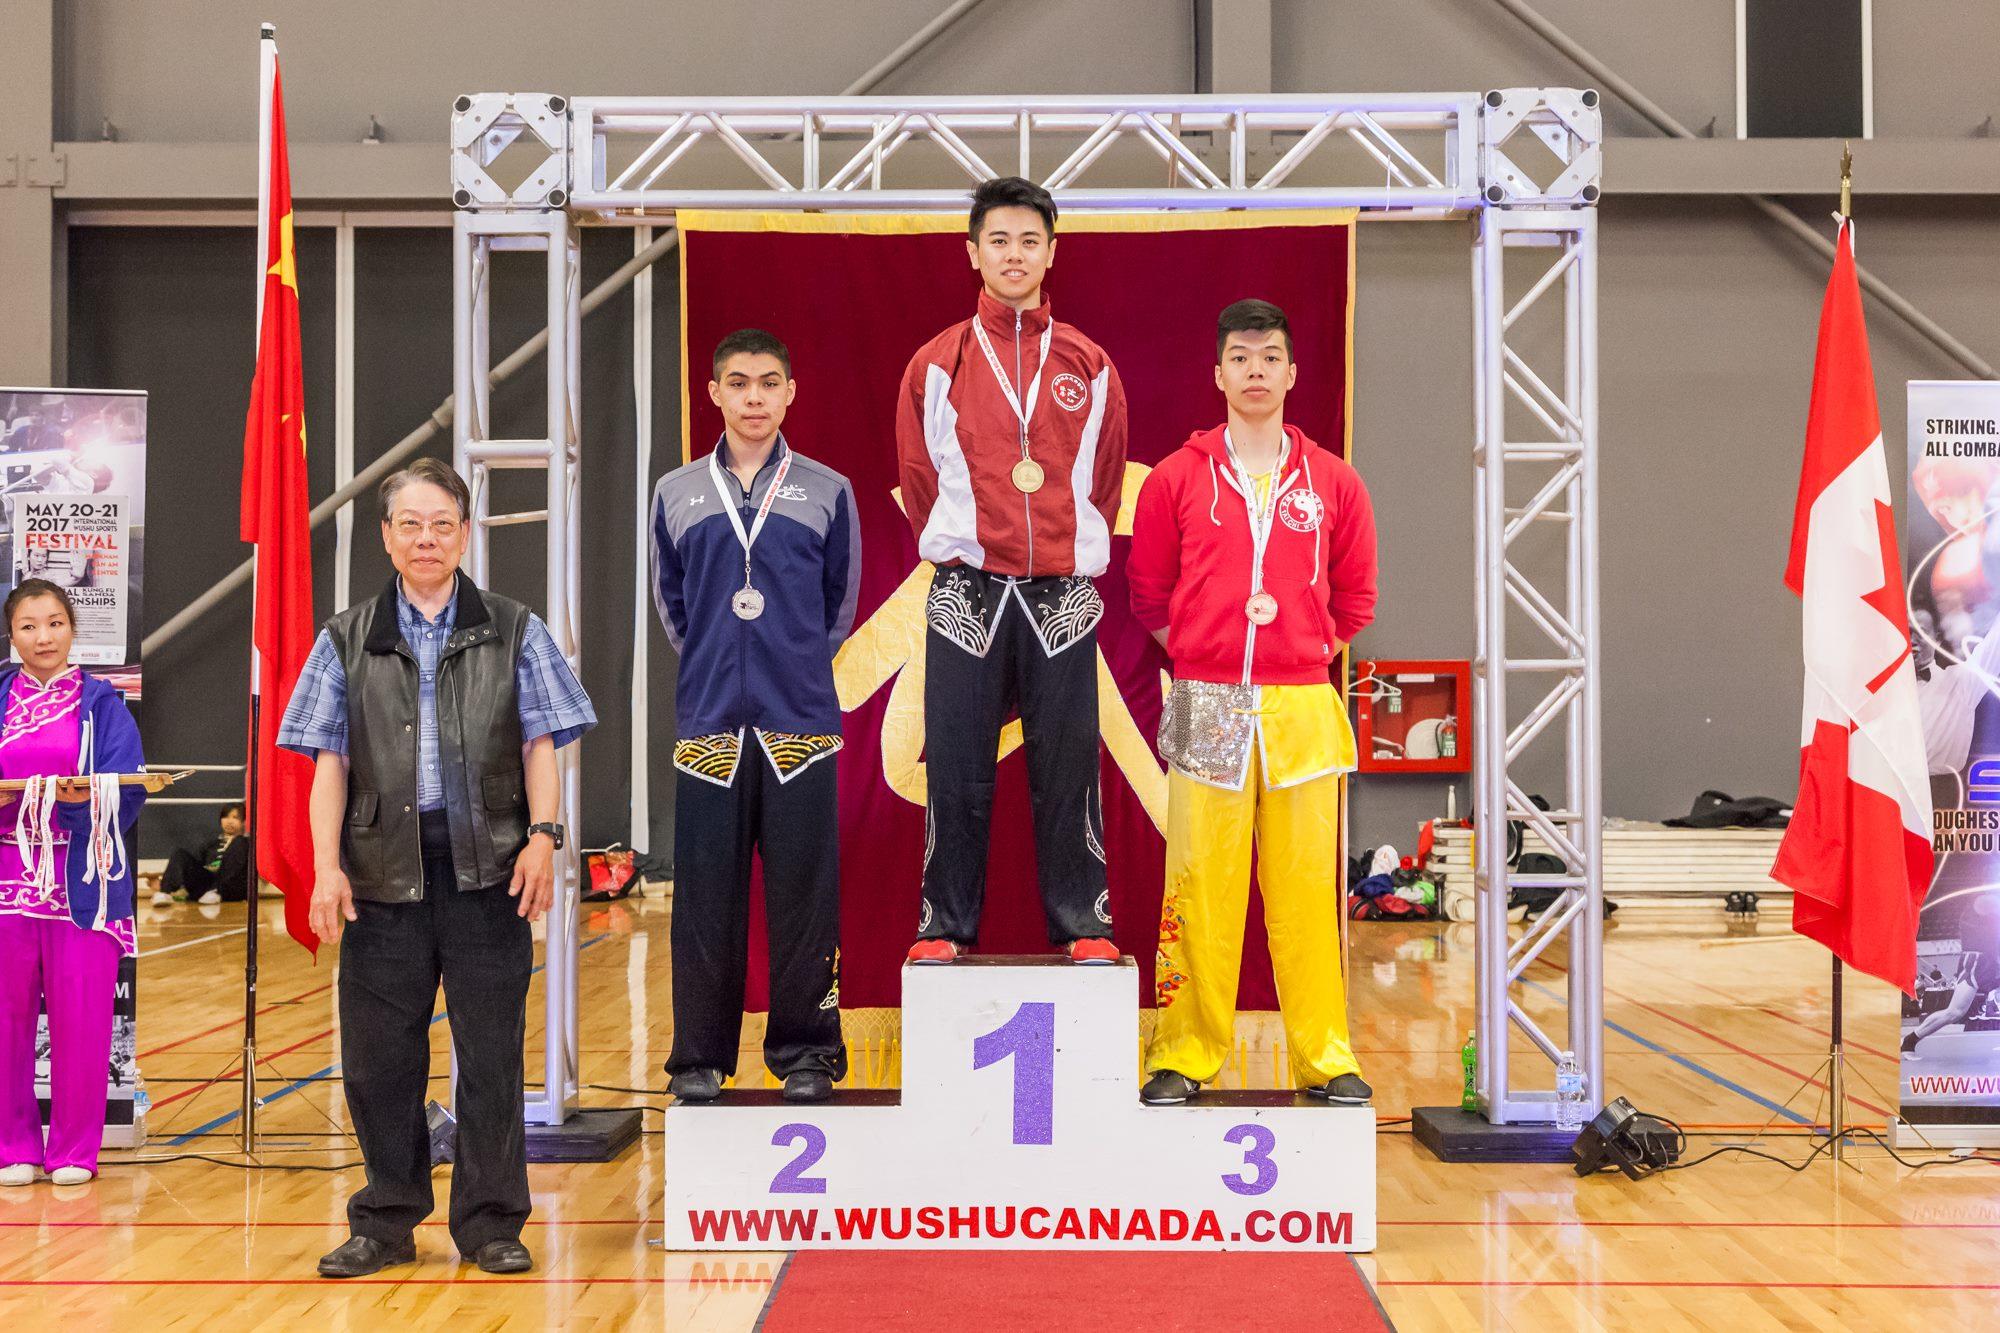 wayland-li-wushu-toronto-markham-canadian-wushu-championships-2017-5.jpg